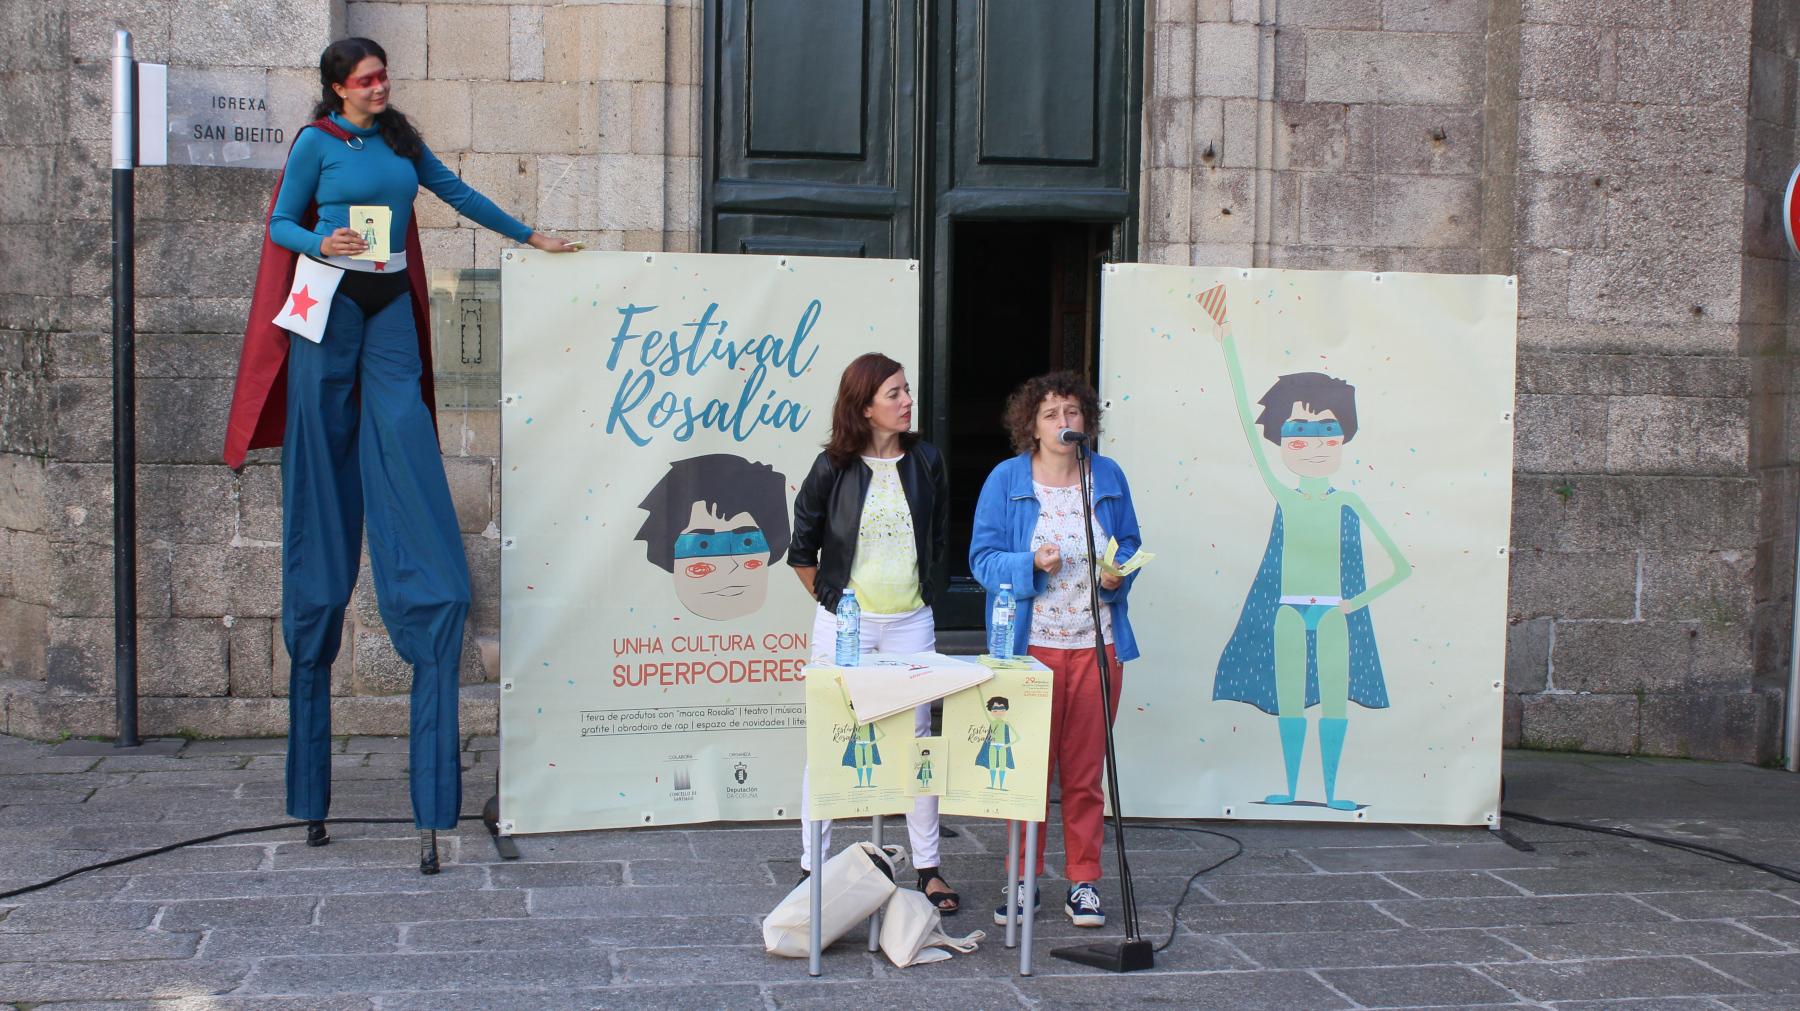 Festival Rosalía 2018